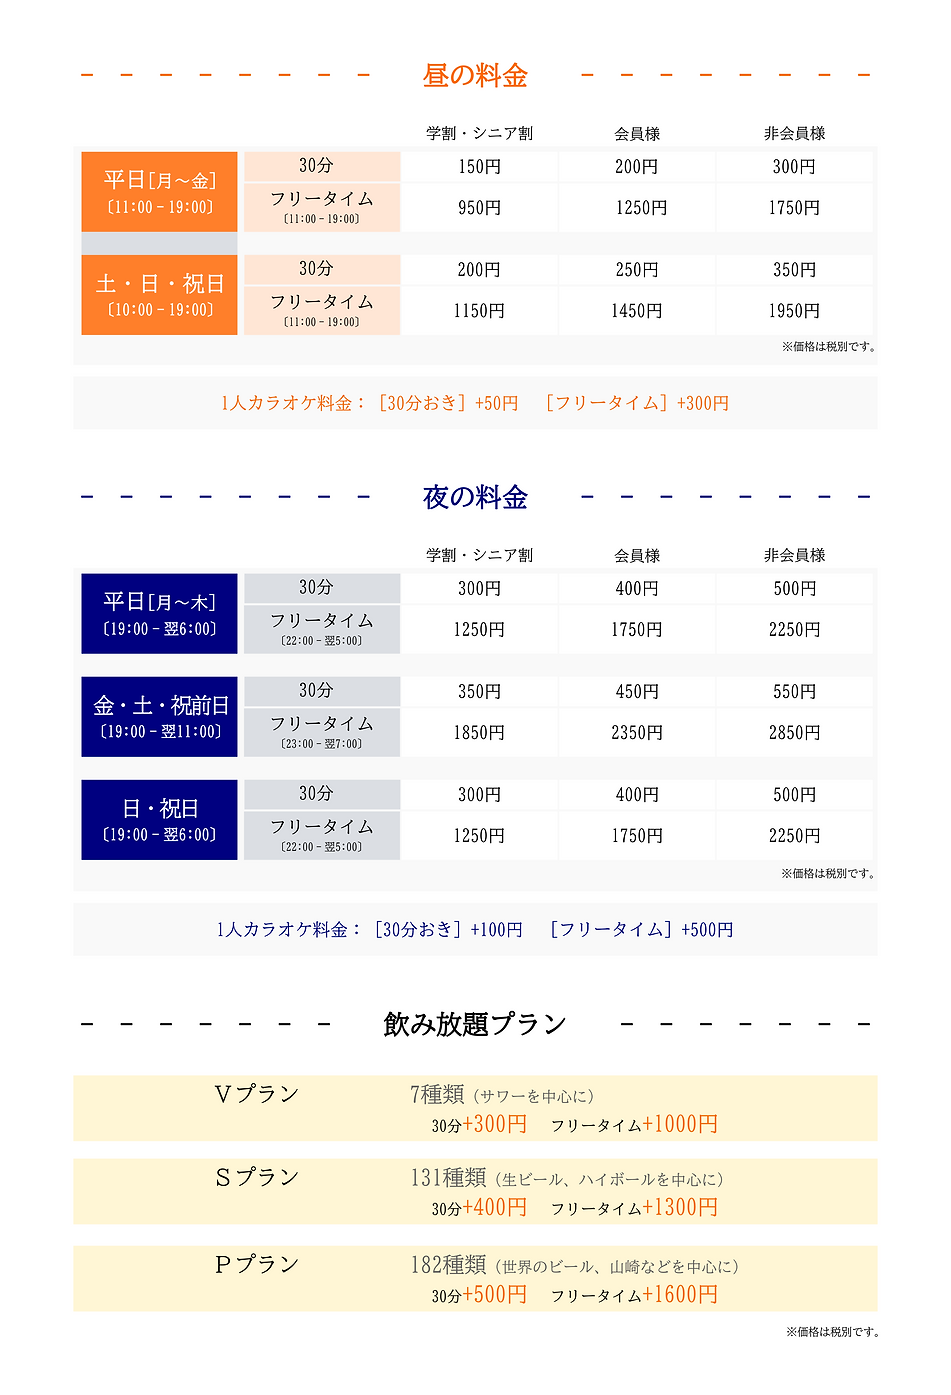 練馬料金表【新】.png